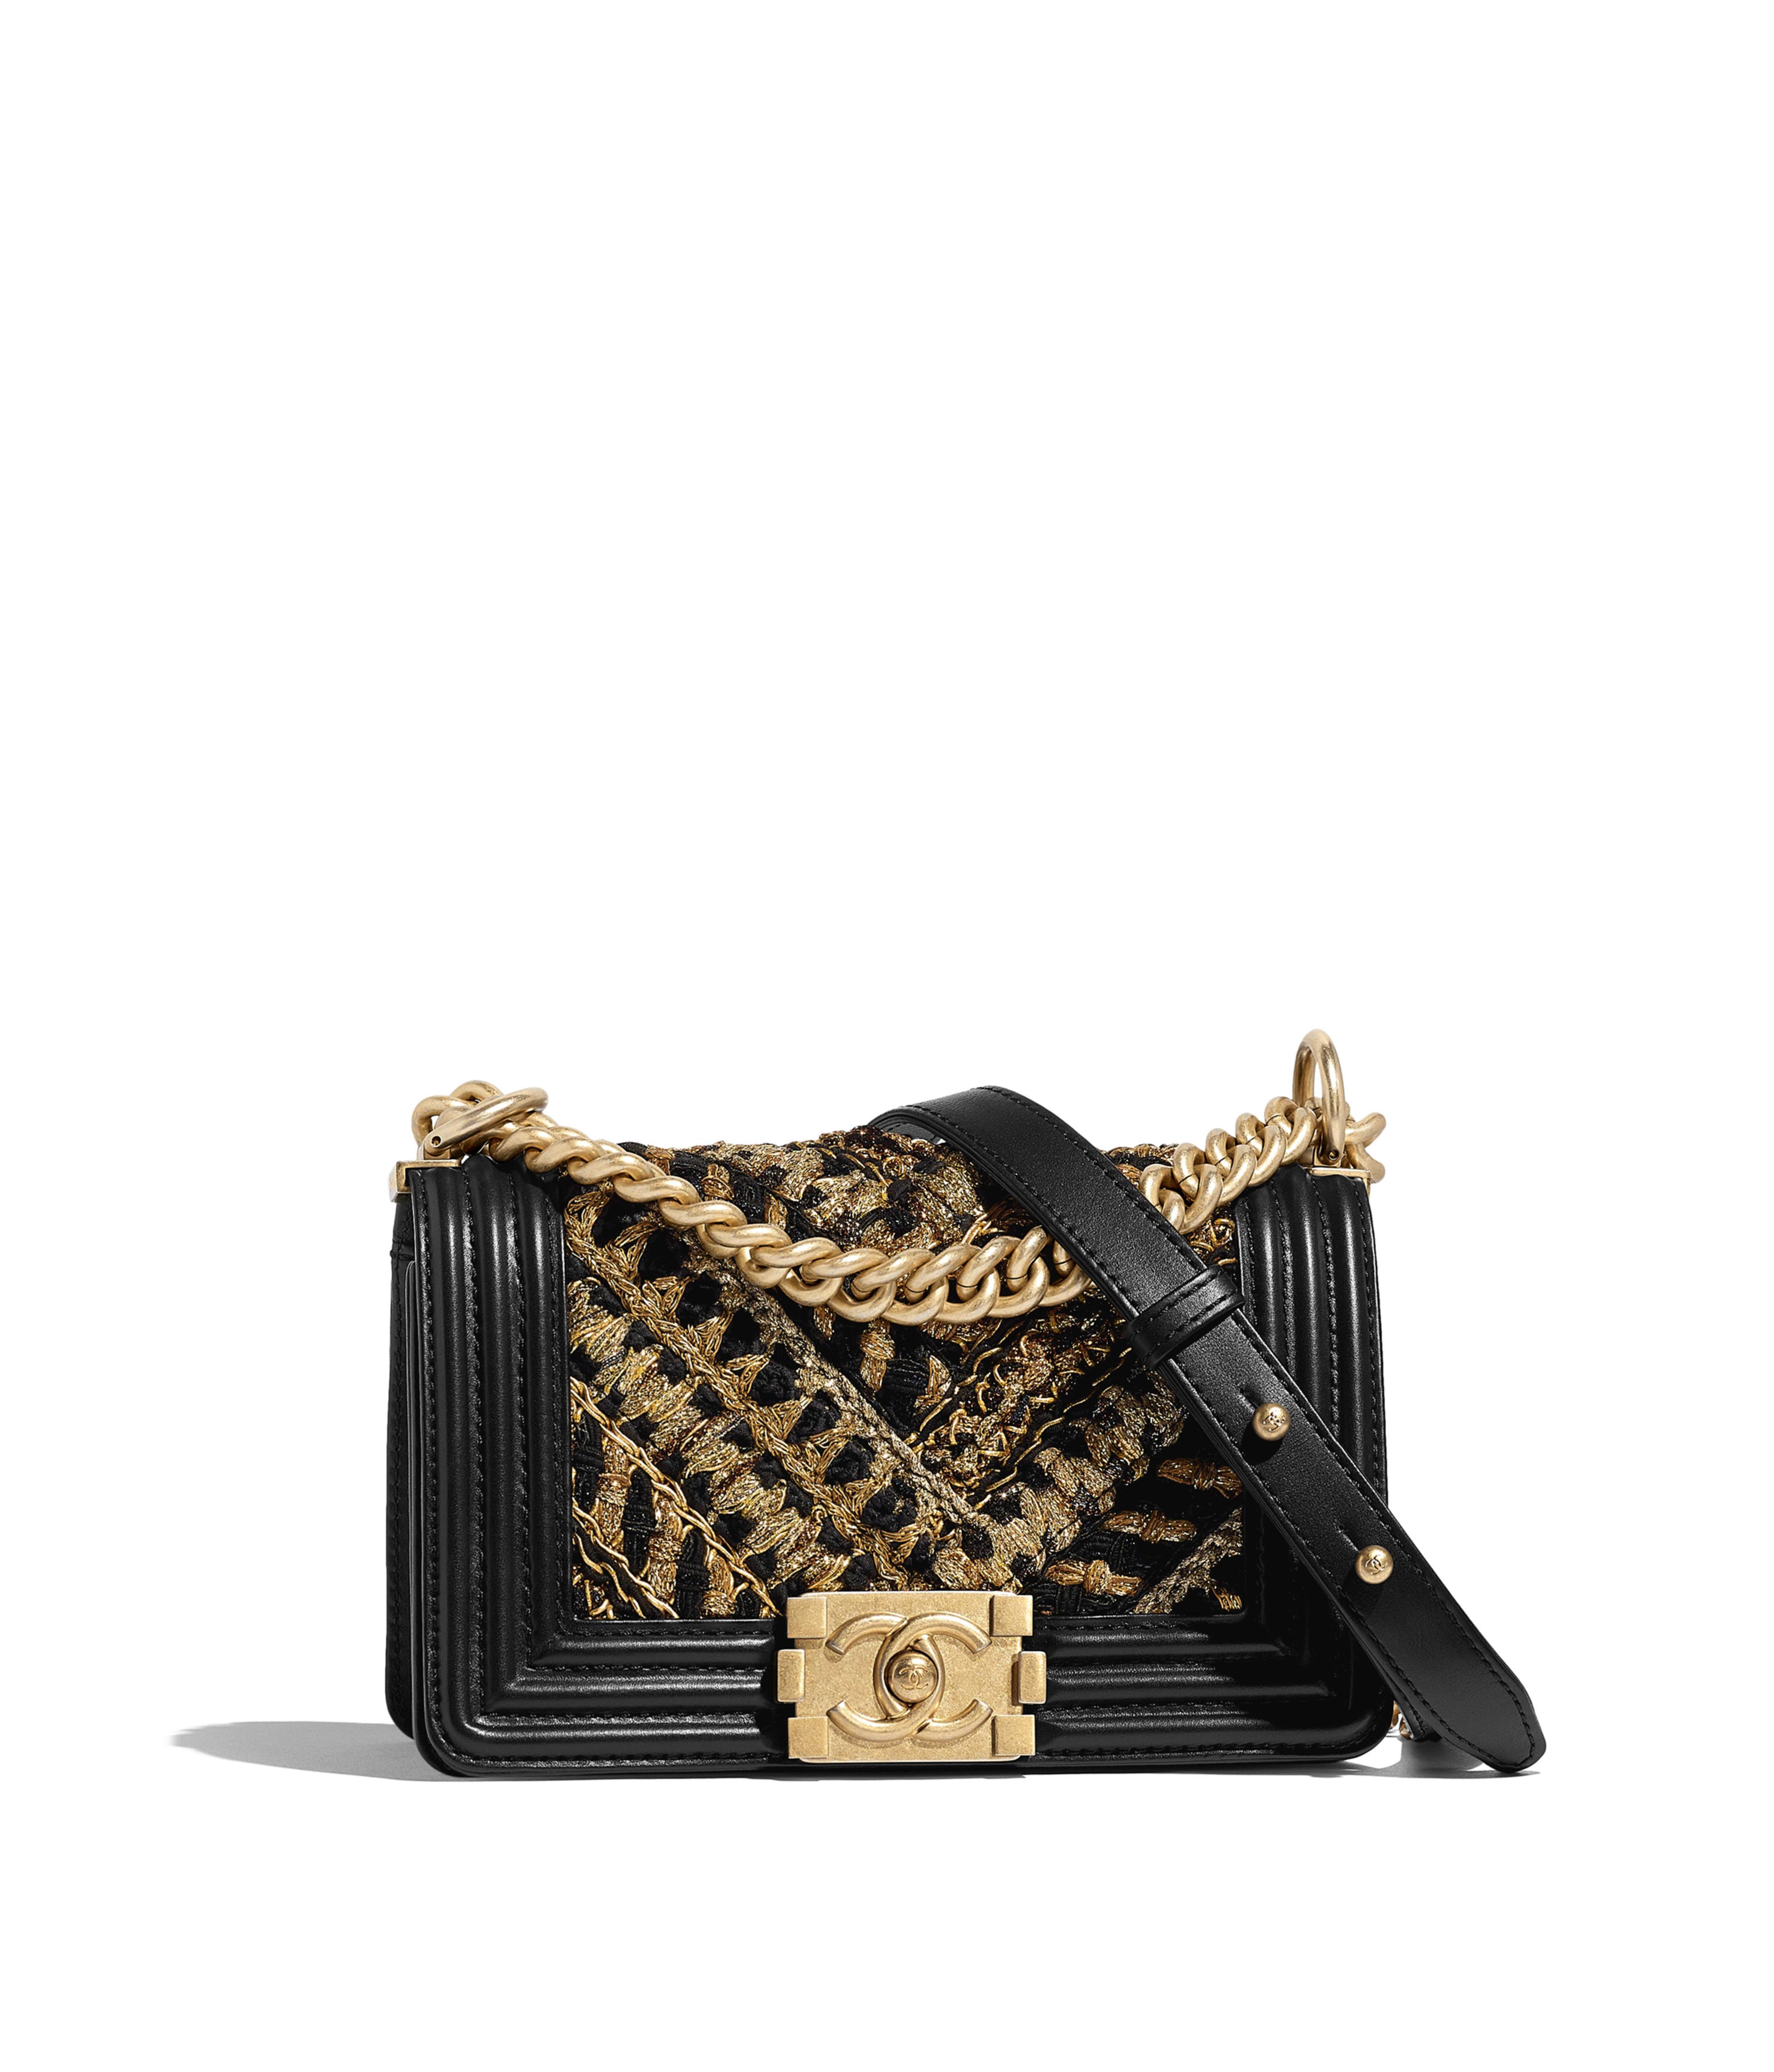 37fbb3f6c05dd1 Small BOY CHANEL Handbag Calfskin, Cotton & Gold-Tone Metal, Black & Gold  Ref. A67085B00955N0784